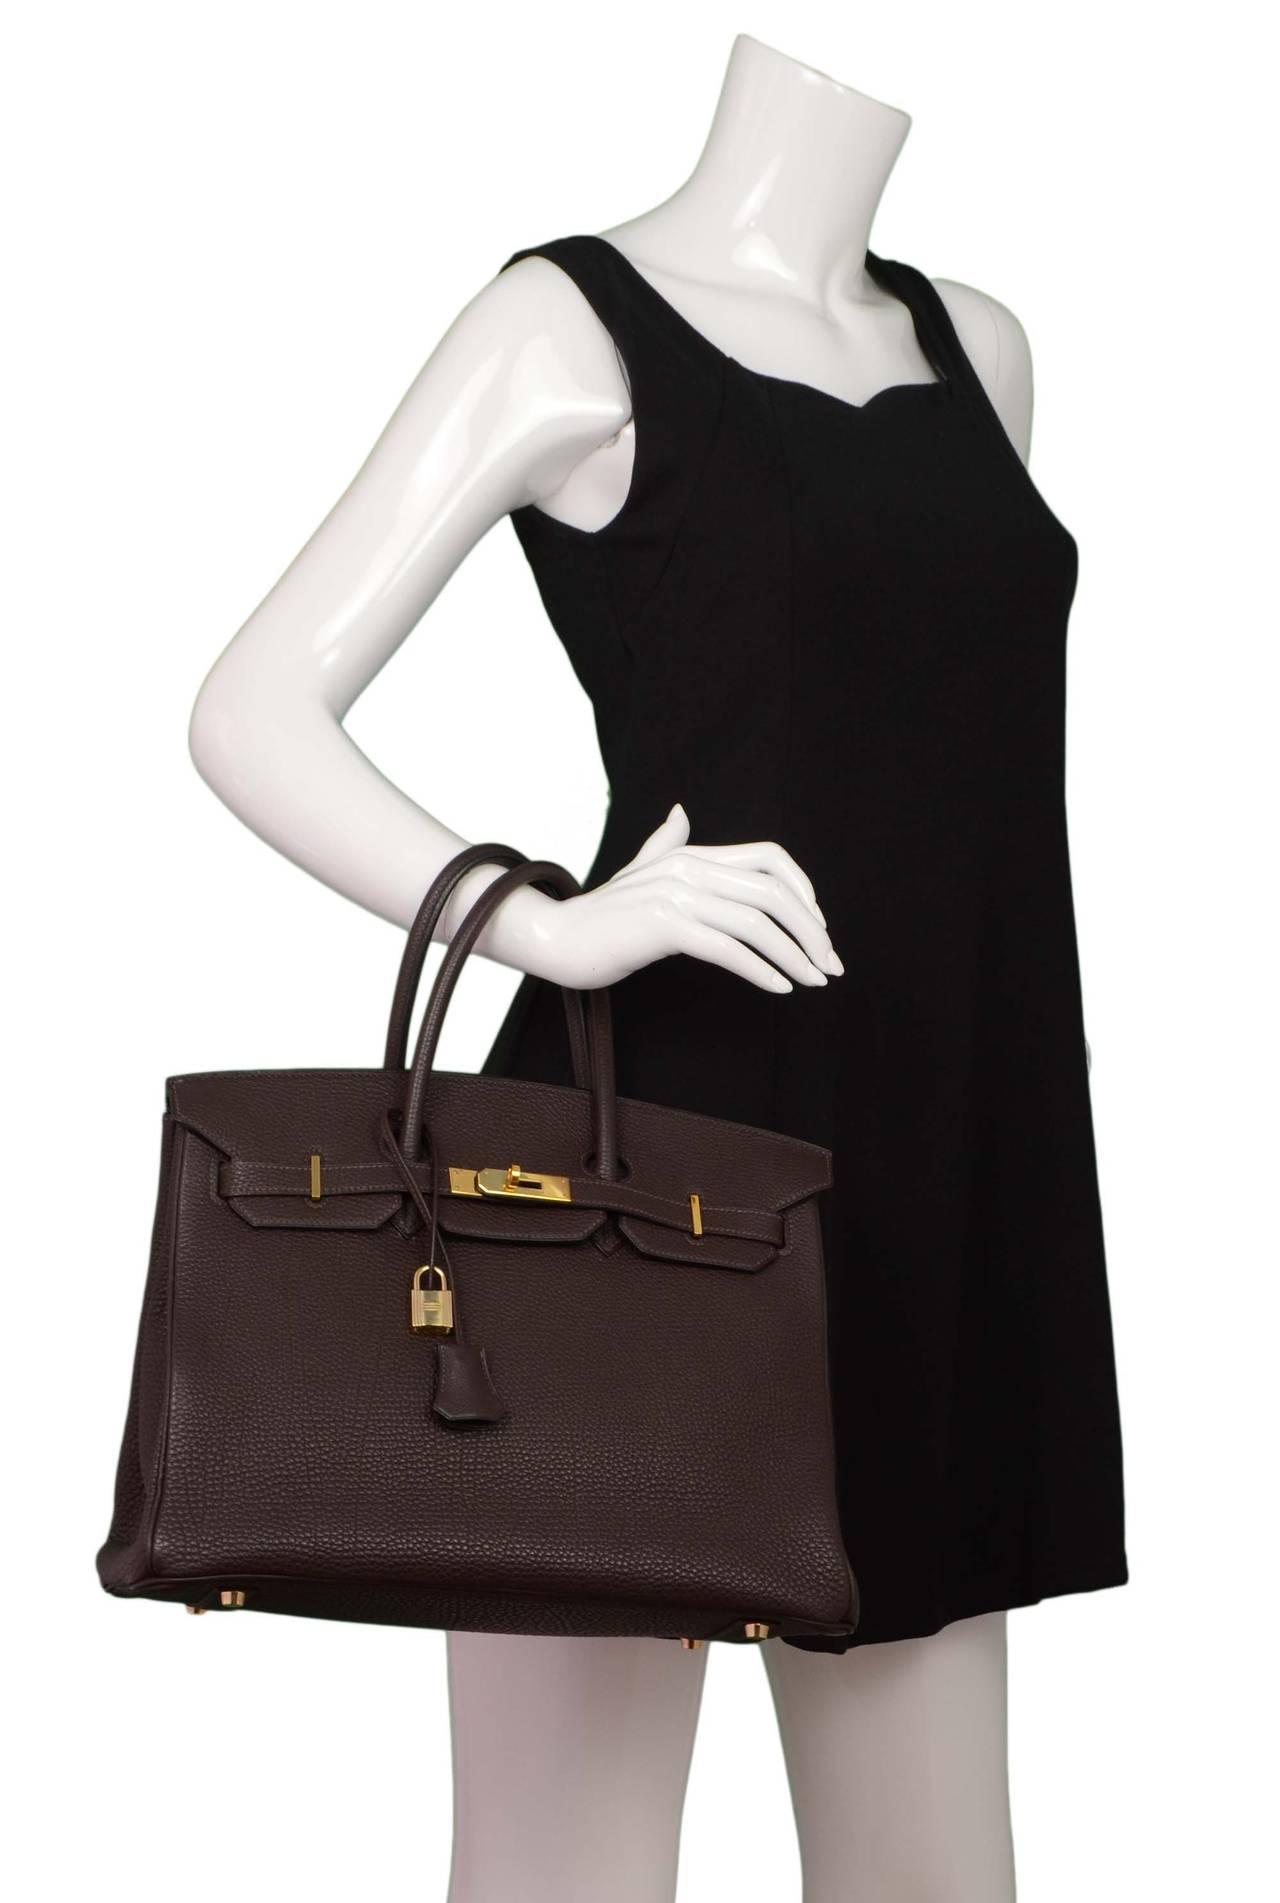 fake birkin bag for sale - hermes brown togo leather 35 cm birkin bag with ghw, hermes ...